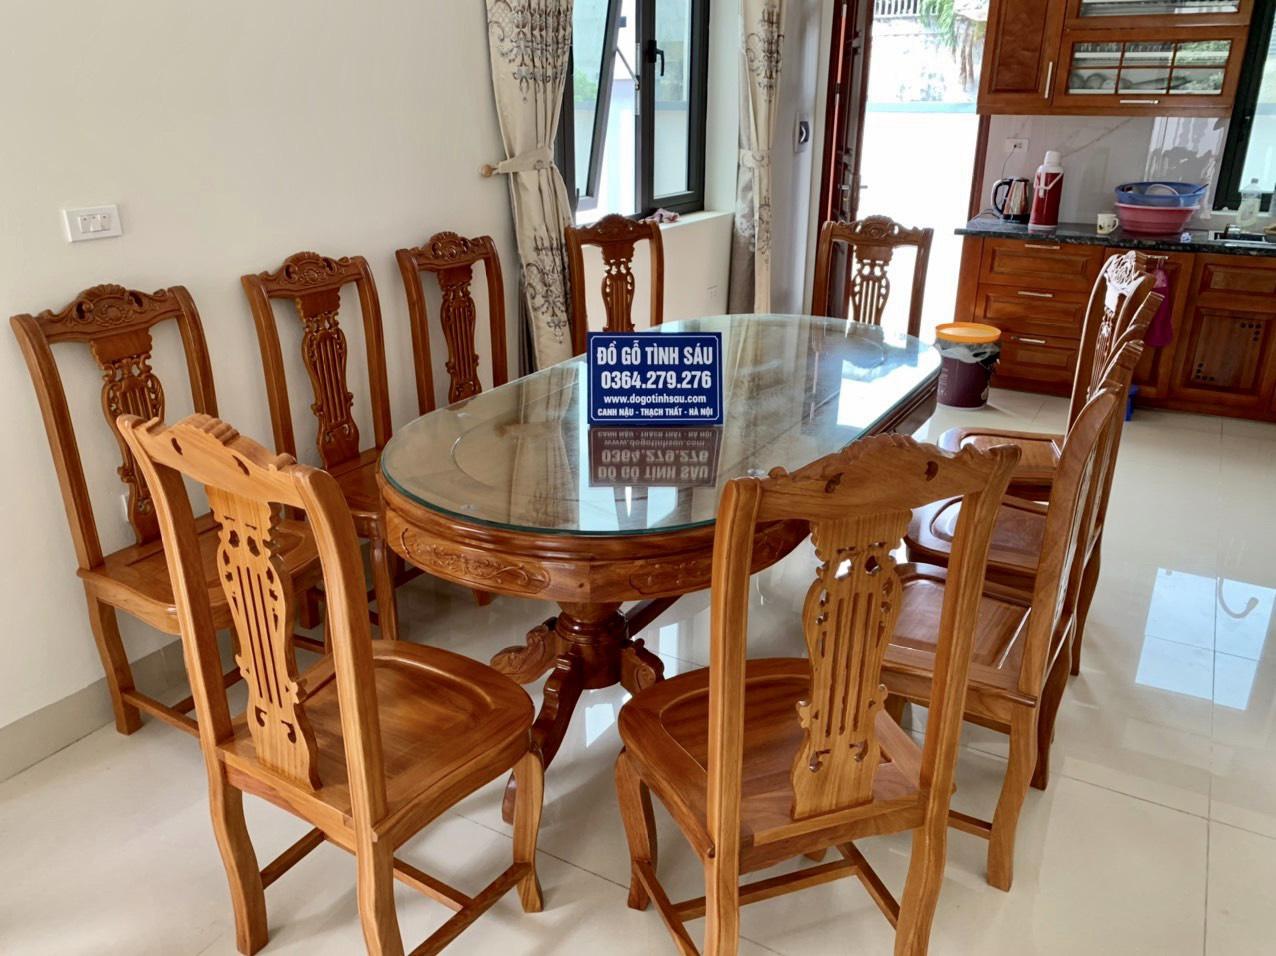 bo ban an go go do 10 ghe 1 - 5 Lý do để mẫu bàn ghế ăn gỗ gõ đỏ ngày càng được ưa chuộng trên thị trường